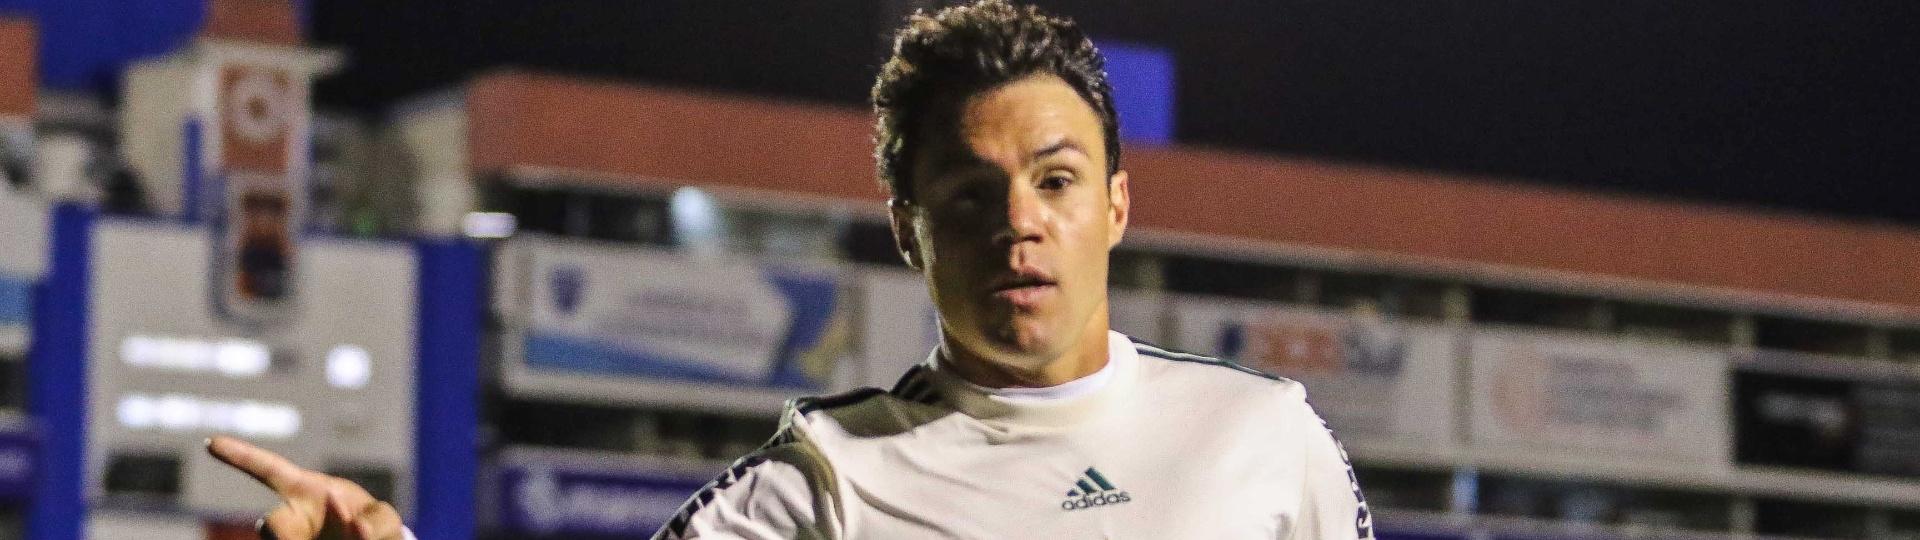 Kleber marcou duas vezes para o Coritiba contra o Vasco